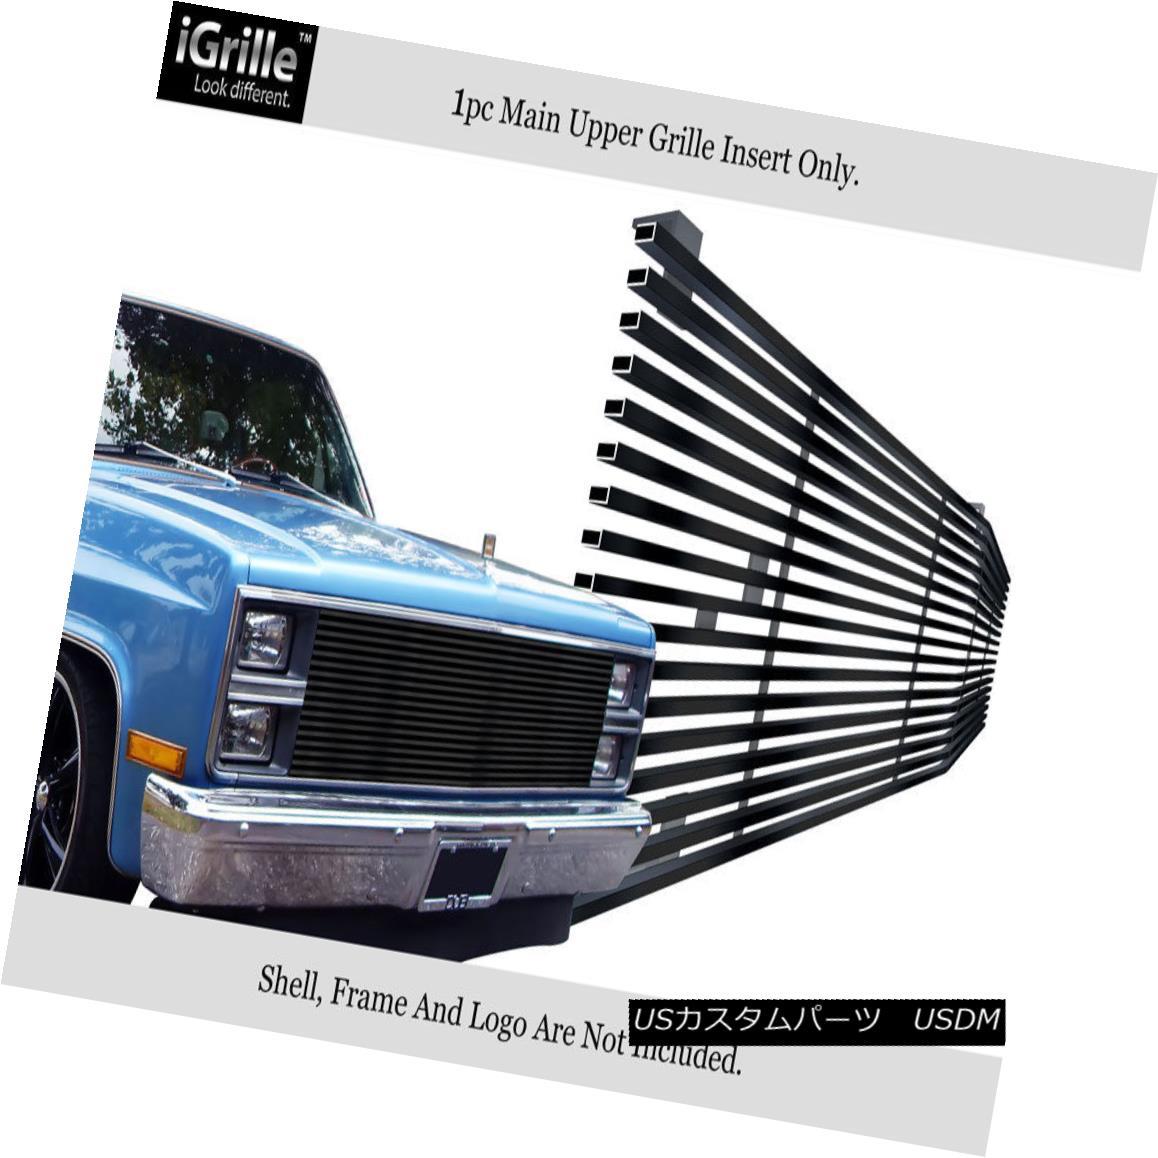 グリル Fits 1981-1988 Chevy C/K Pickup/Blazer 304 Stainless Steel Black Billet Grille フィット1981-1988シボレーC / Kピックアップ/ブレイザー304ステンレス鋼ブラックビレットグリル